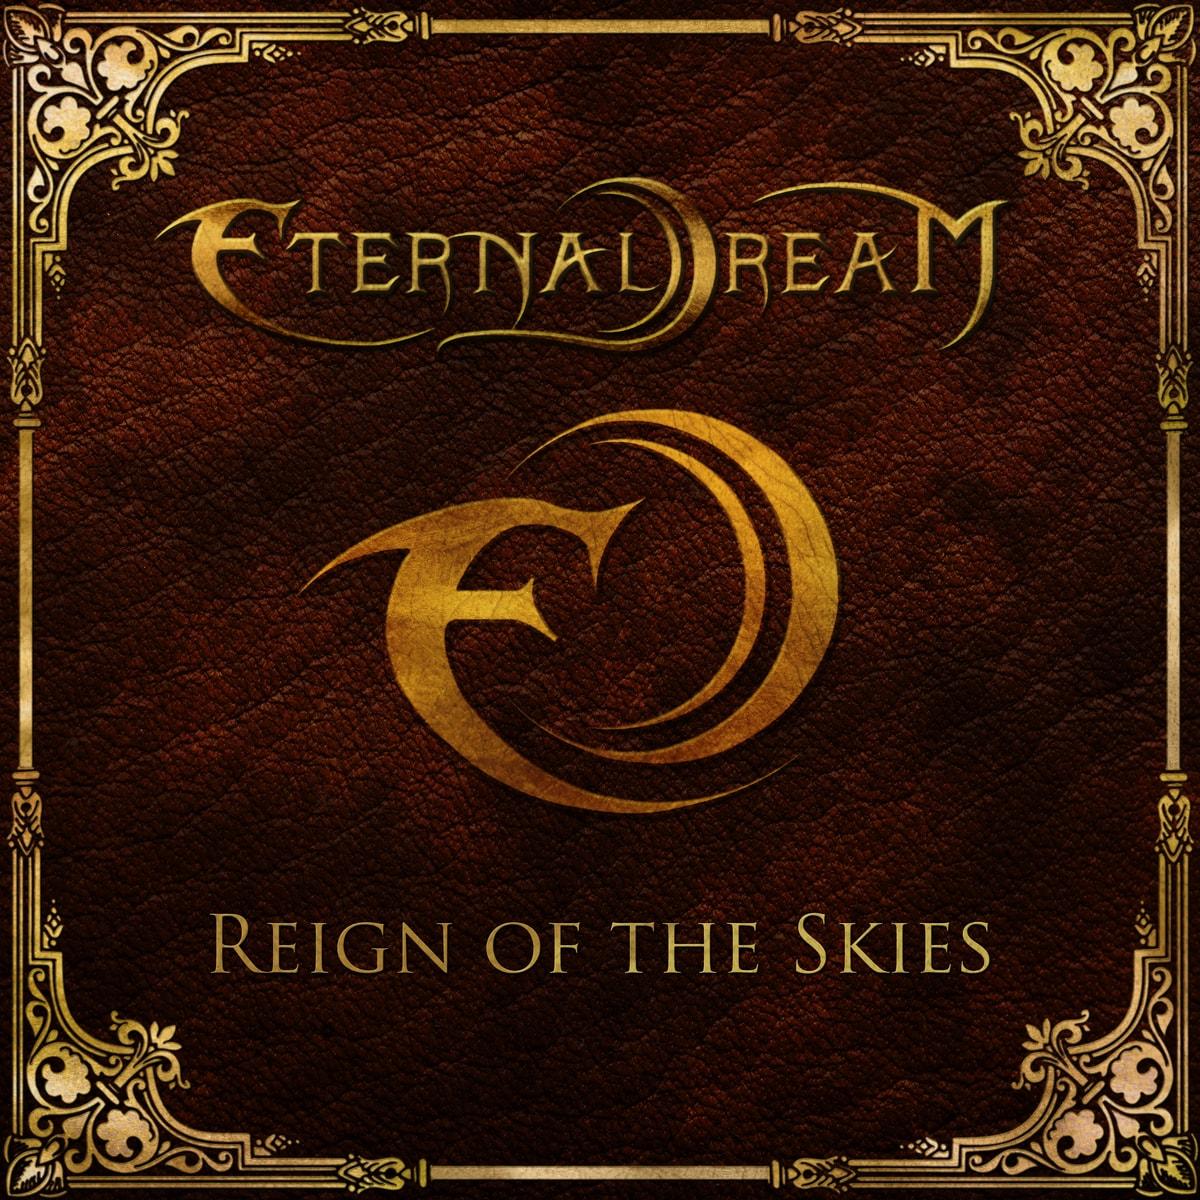 ETERNAL DREAM – Rock antena roll – PRYAPISME (FRA)